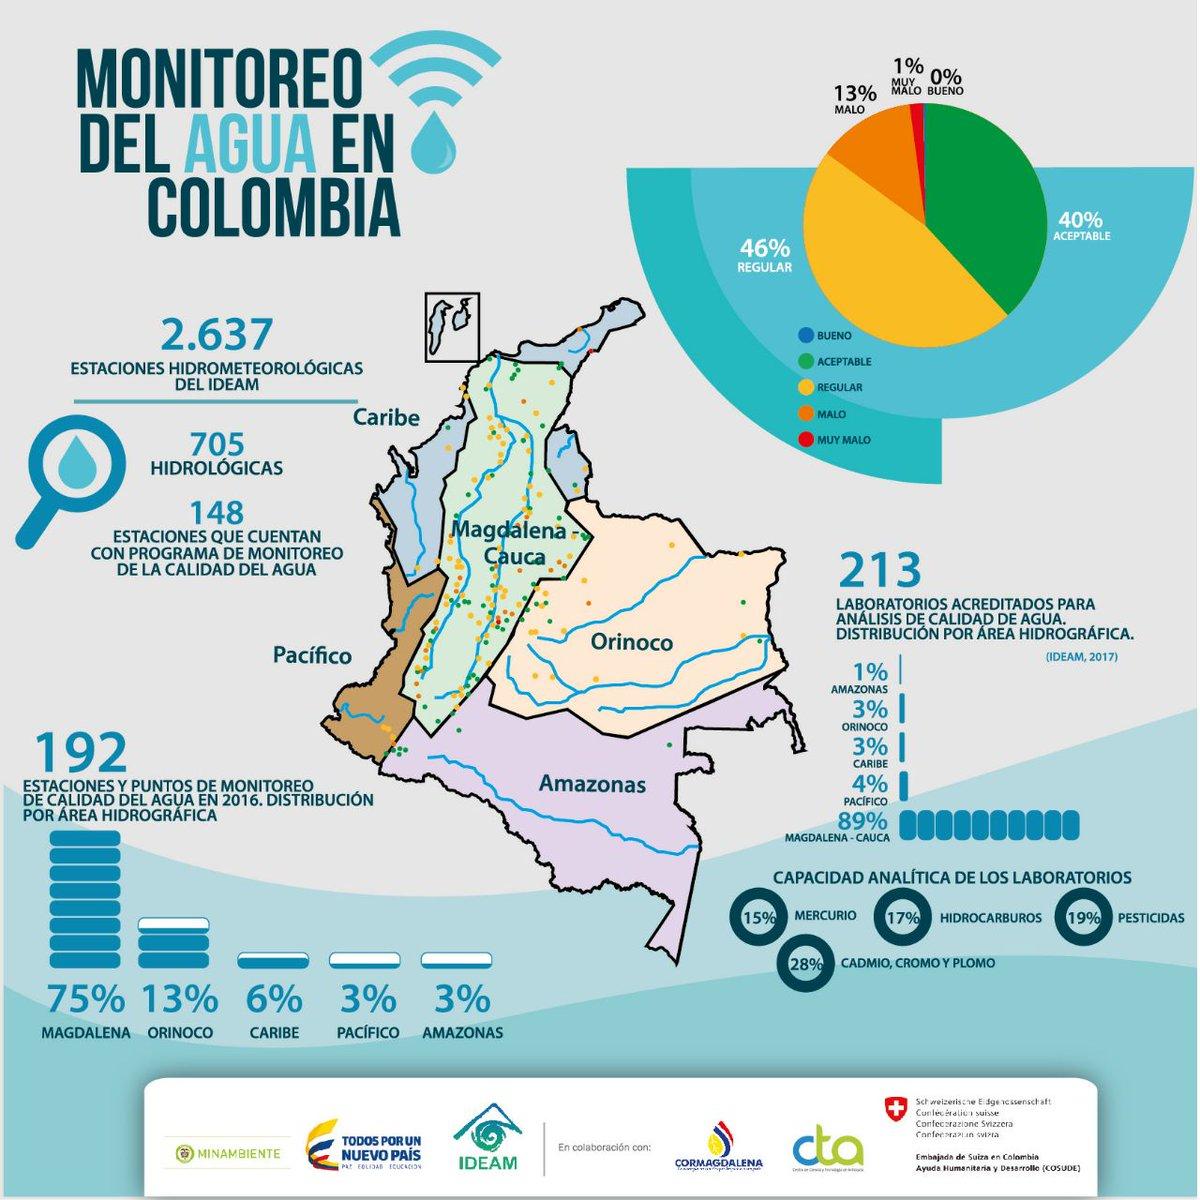 ¿Ya conoces el Plan Nacional de Monitorización del Agua de @MinAmbienteCo? Este proyecto, presentado en 2017,  orienta e integra estrategias y acciones en el ámbito nacional y regional en el marco de la Política Nacional para la Gestión Integral de Recurso Hídrico. https://t.co/KQu82jWdcg